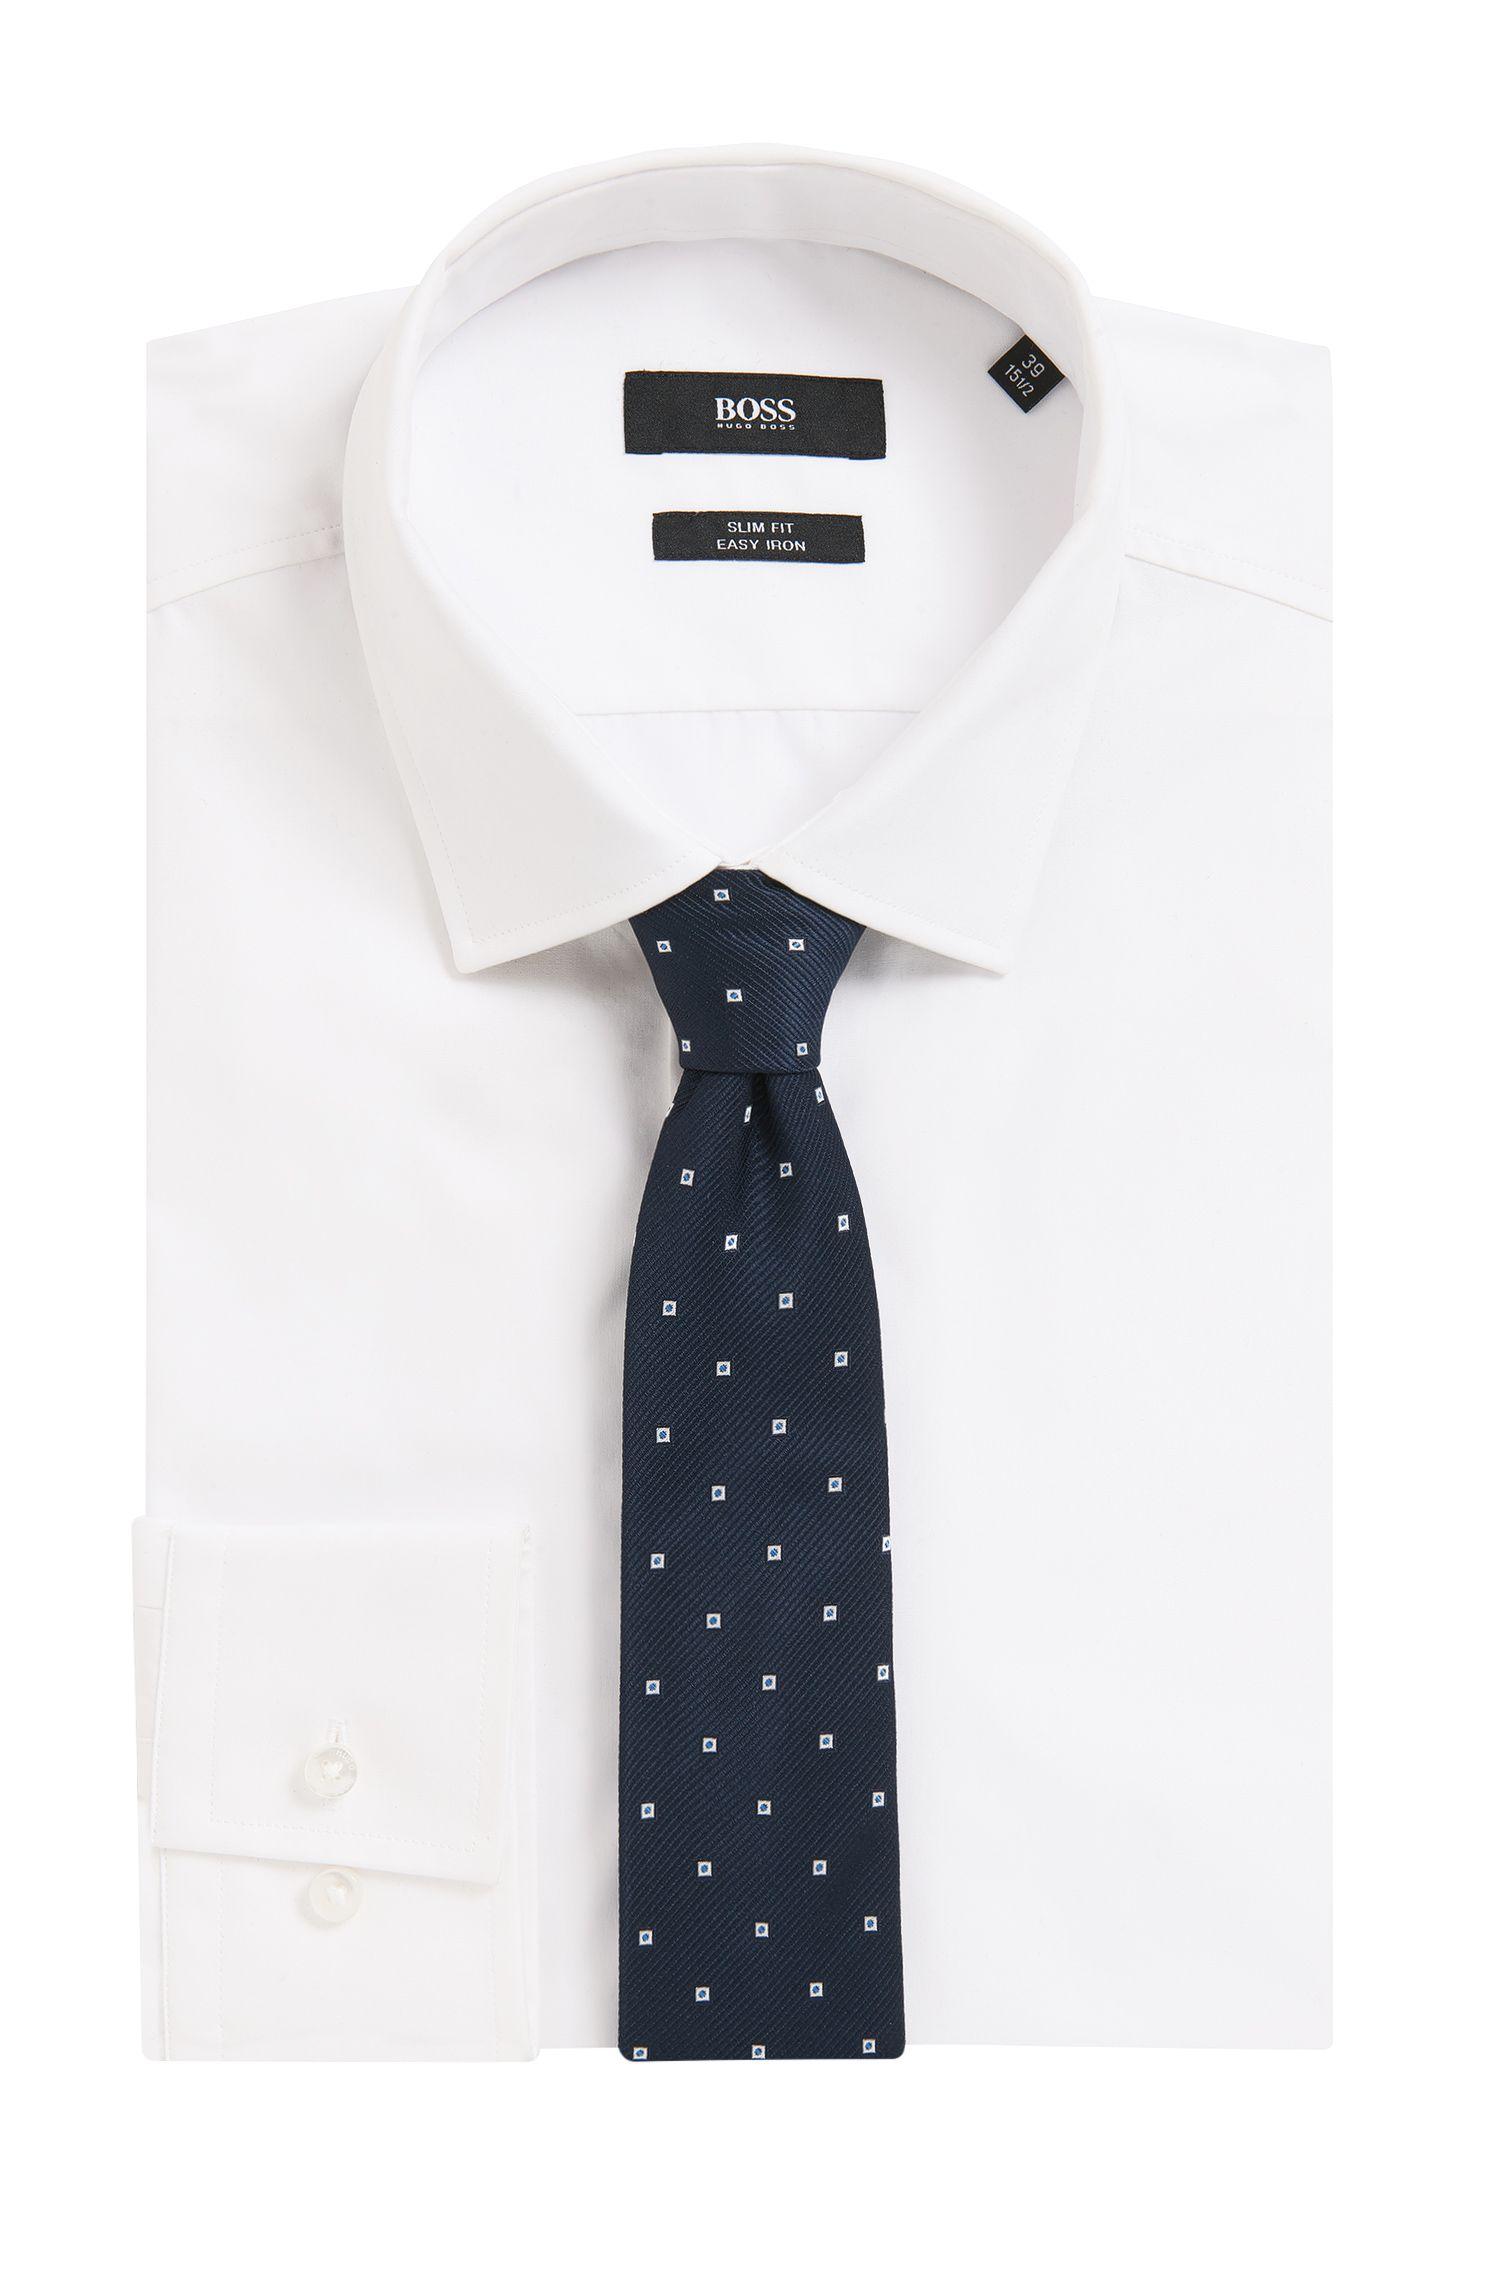 Cravate à motif tissée teinte, en jacquard de soie